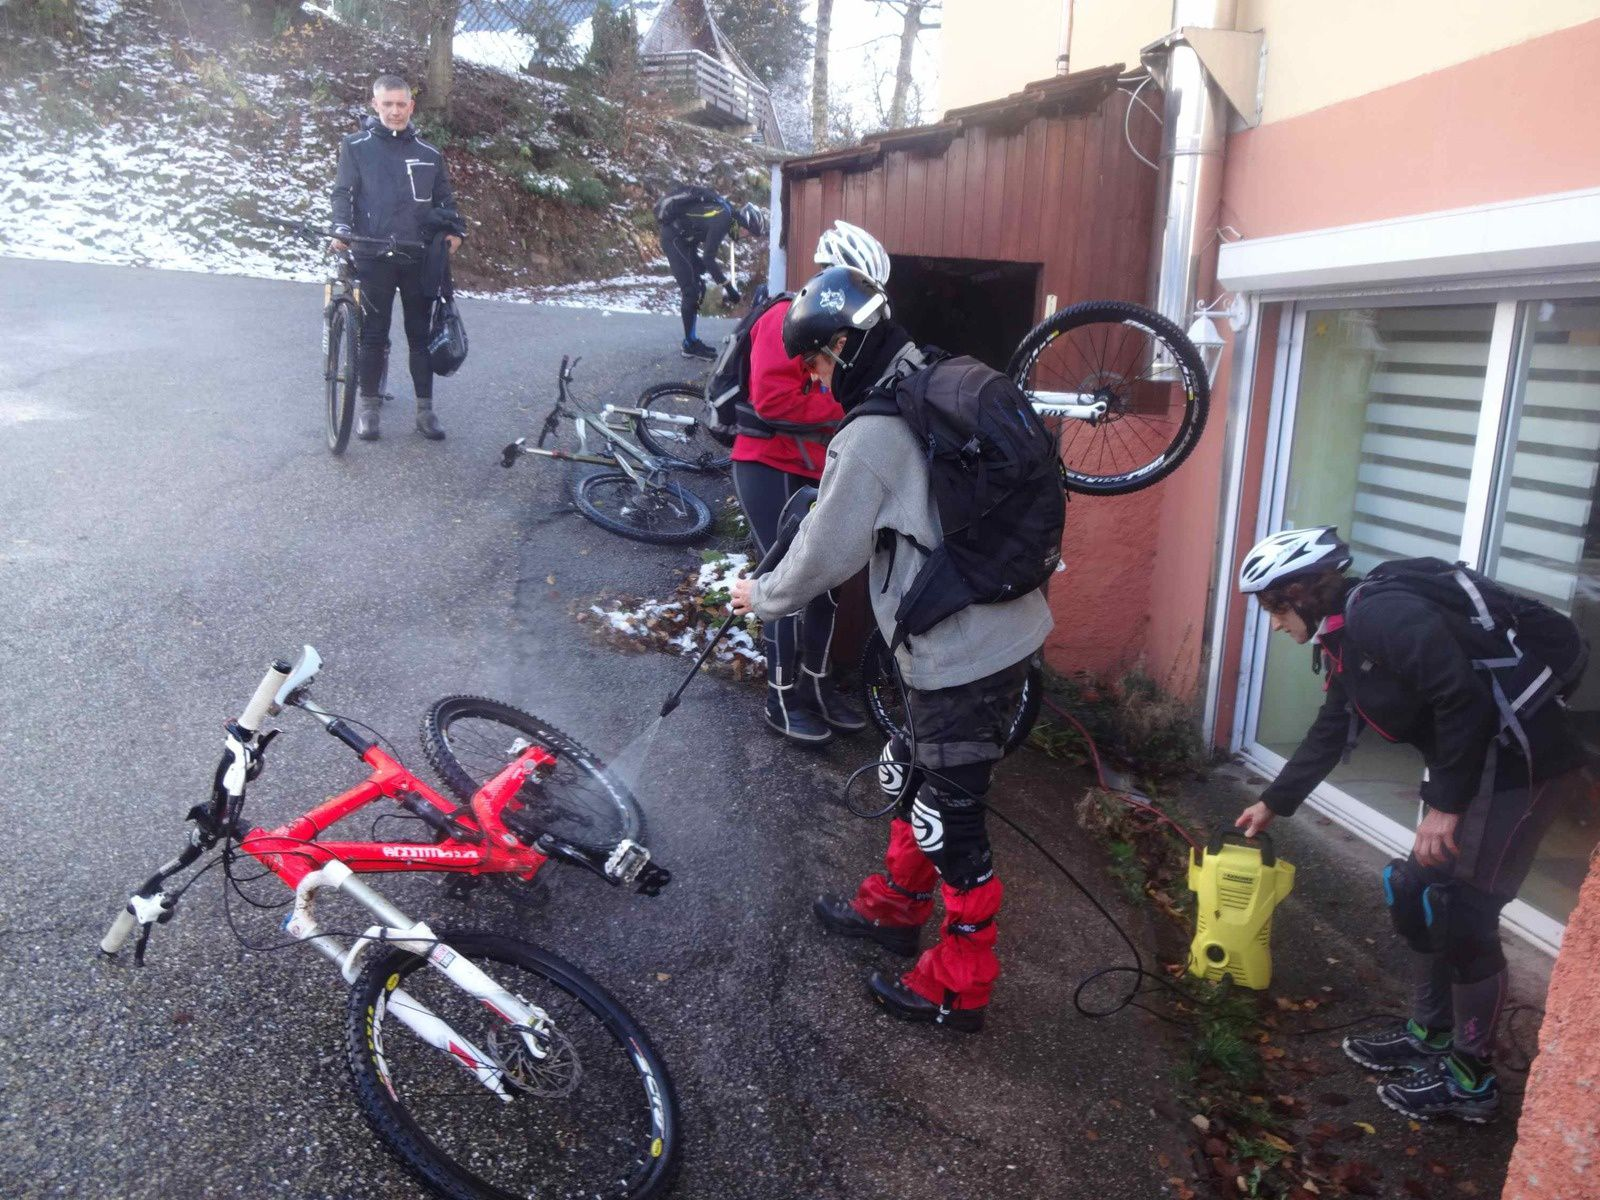 De retour chez Aline et Claude, Christian s'occupe du nettoyage des vélos. Nous sommes tous bien contents d'avoir fait cette sortie hivernale, et bien contents aussi de retrouver la chaleur du foyer.